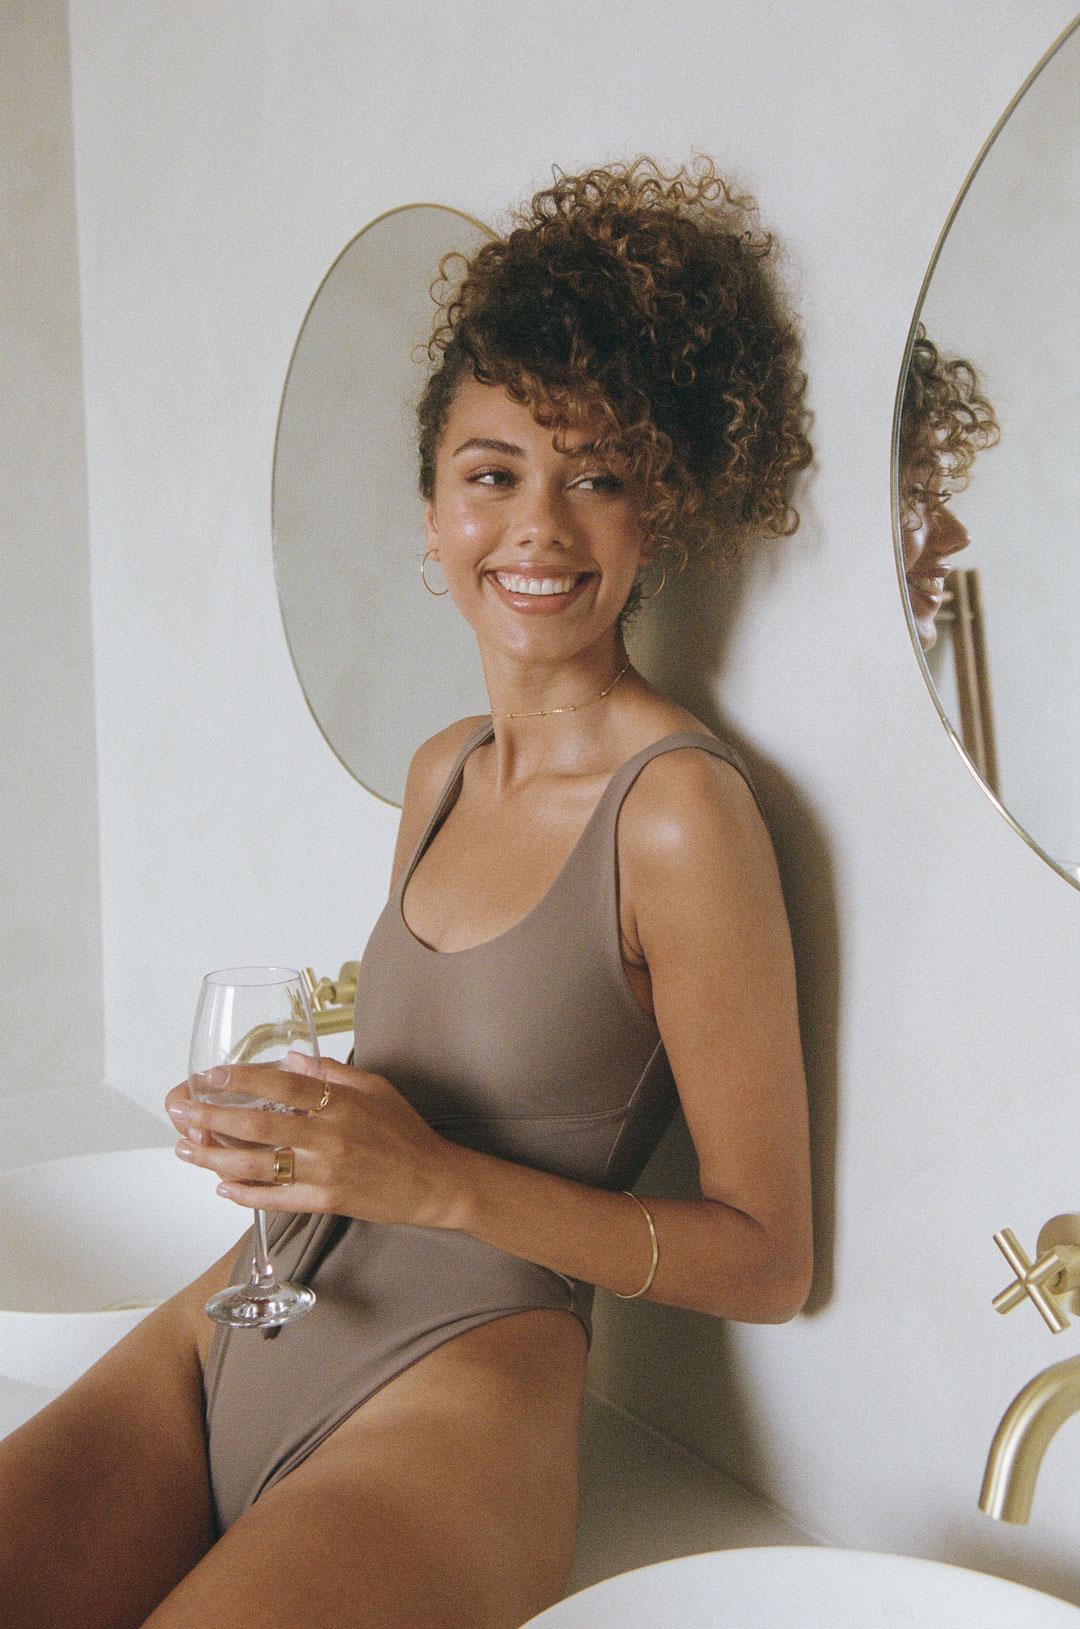 Model in a grey one-piece bikini laughing looking away